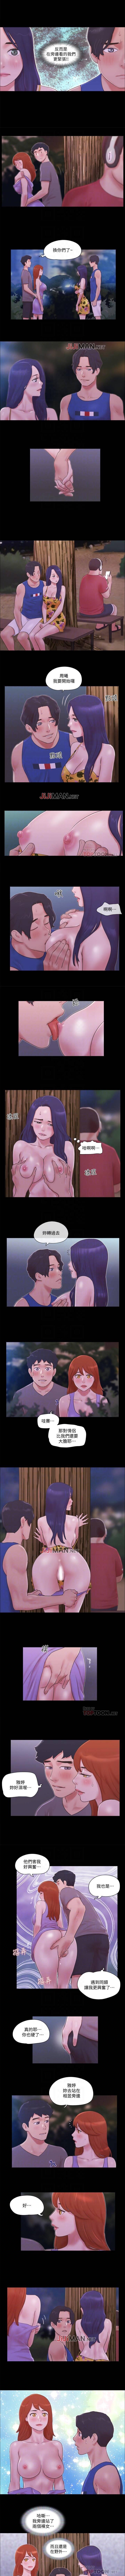 【周五连载】协议换爱(作者:遠德) 第1~62话 230